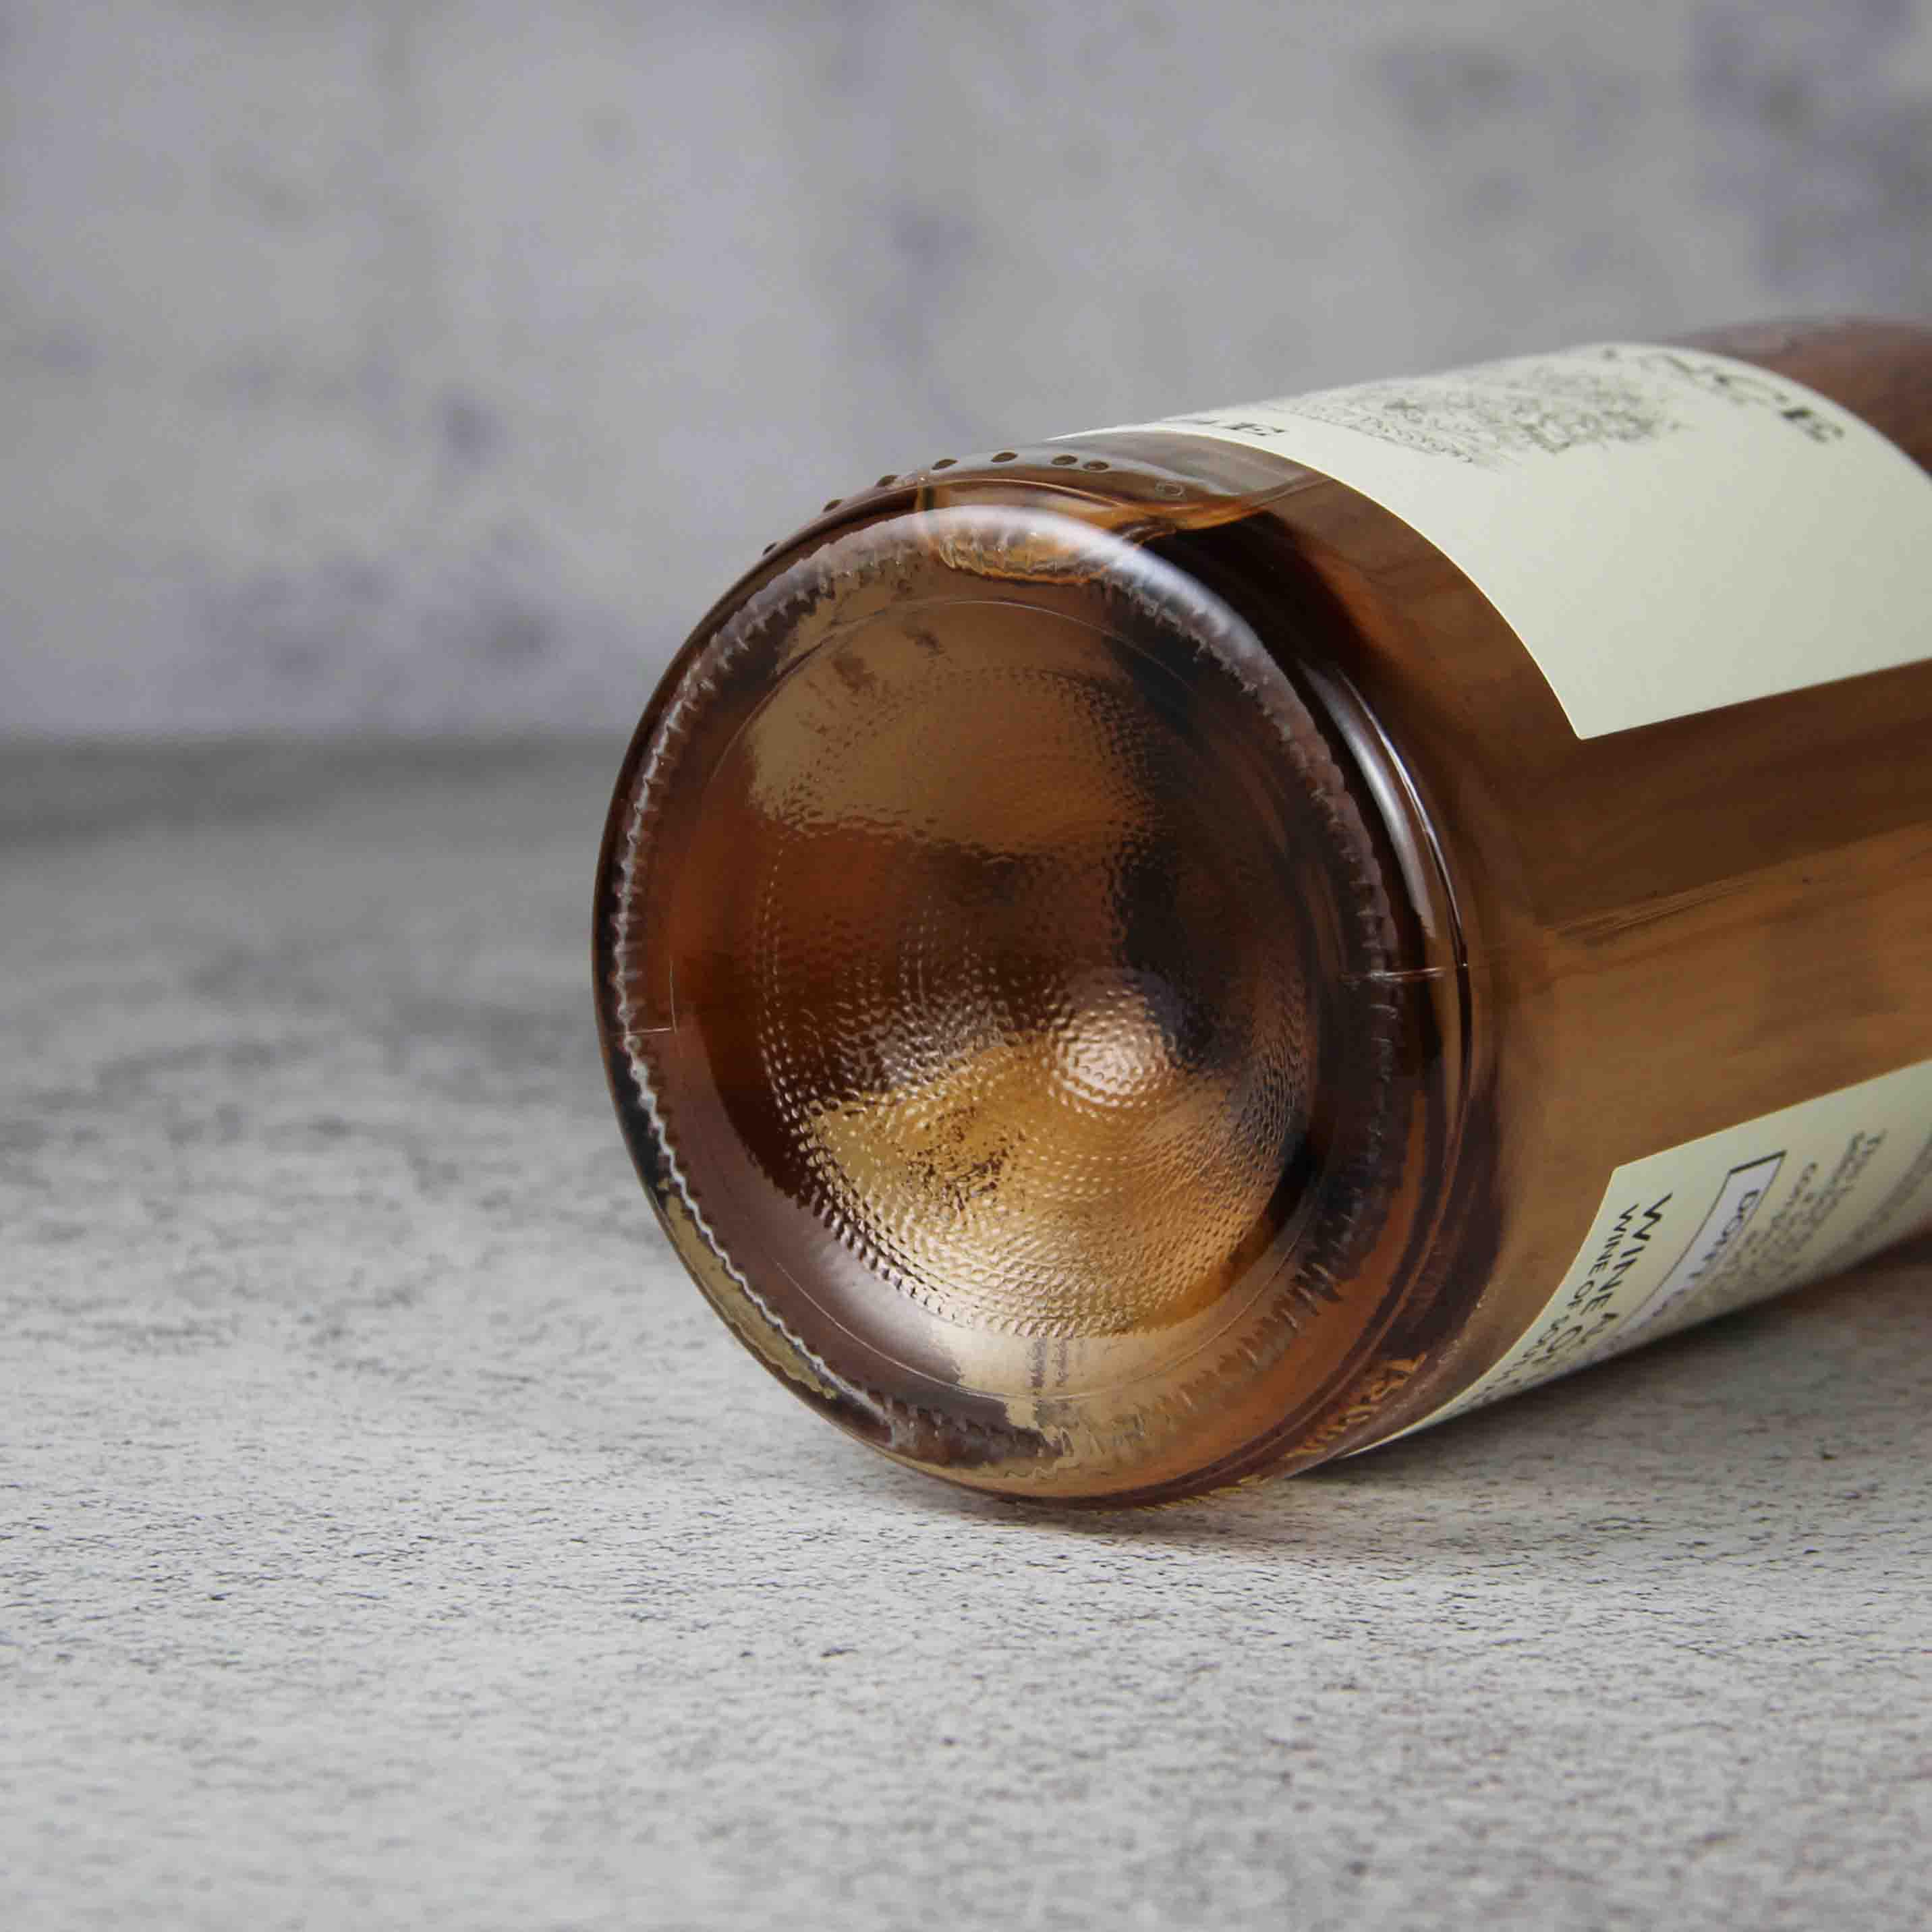 南非黑地-多伦斯酒庄神索桃红葡萄酒